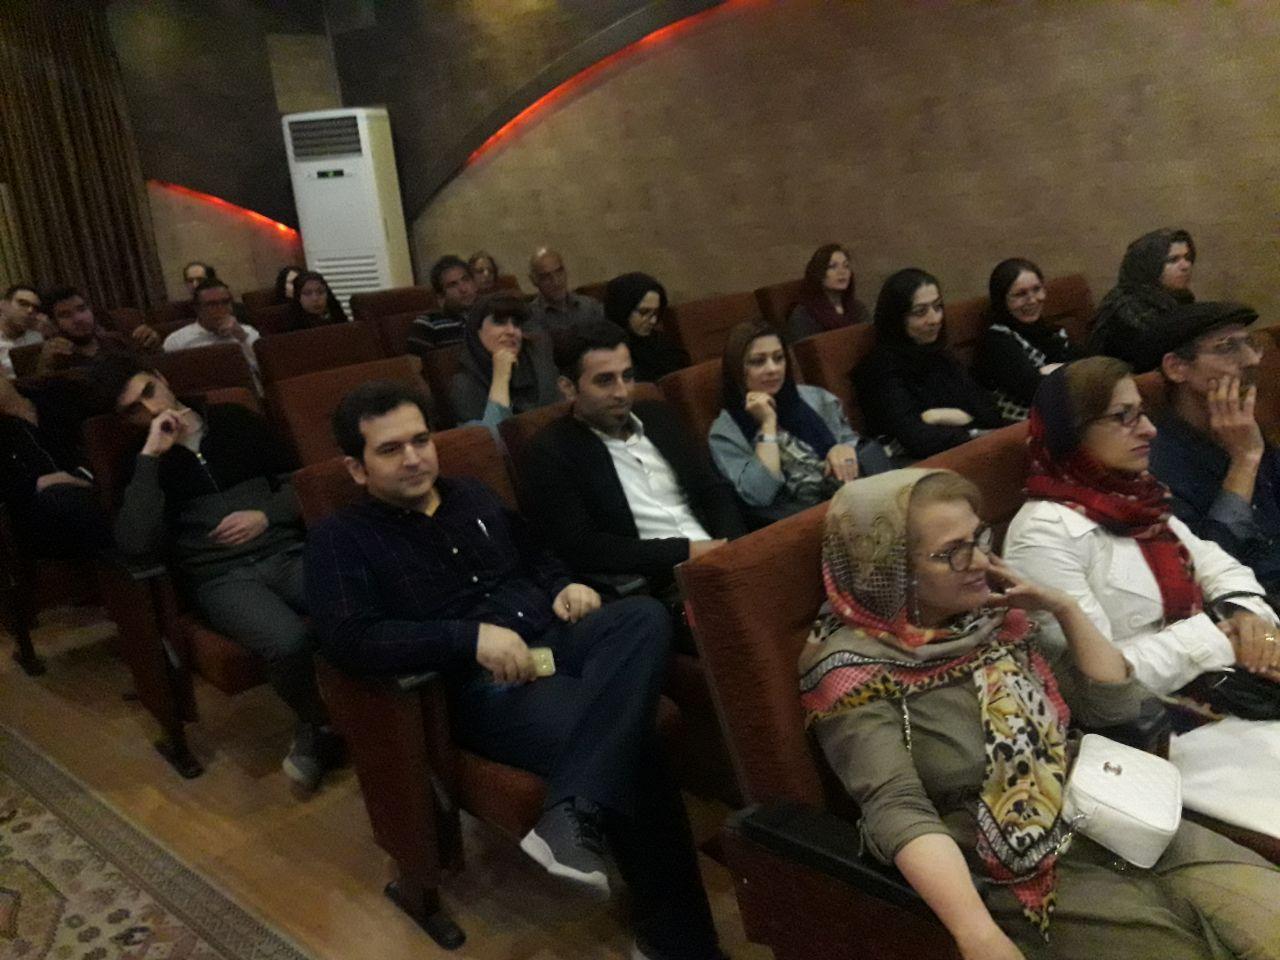 به مناسبت روز بزرگداشت حافظ همایش «در محضر دوست» با حضور مسئولین و شاعران برگزیدهی استان و کشور و در میان استقبال علاقهمندان به شعر و ادب پارسی در لاهیجان برگزار شد.